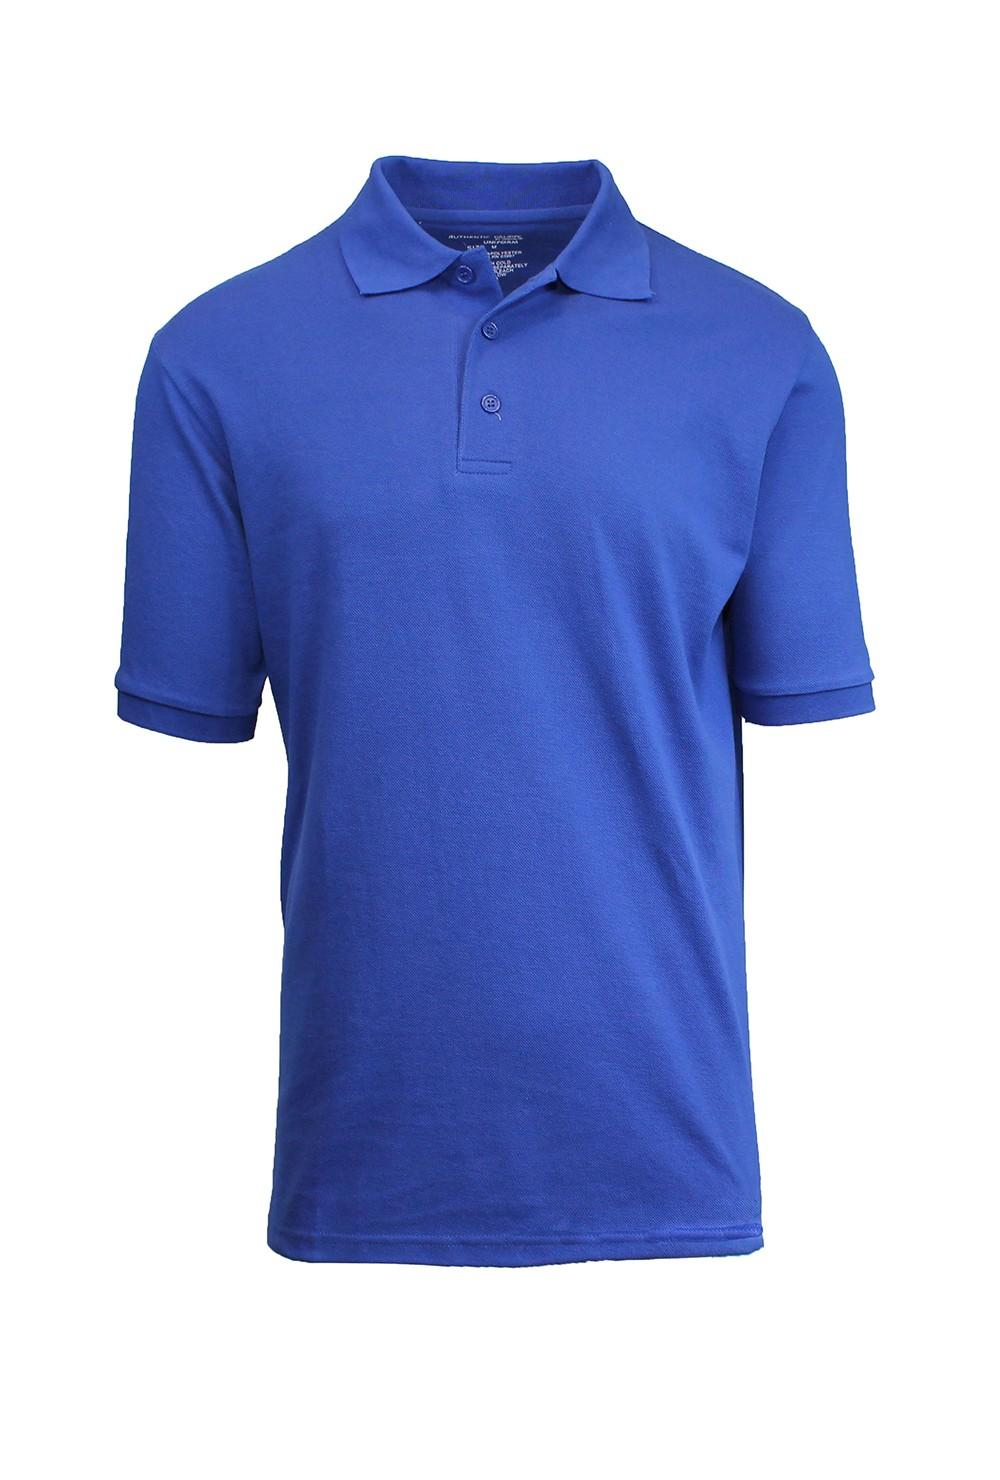 Galaxy by harvic men 39 s cotton blend collar 3 button pique for 3 button polo shirts